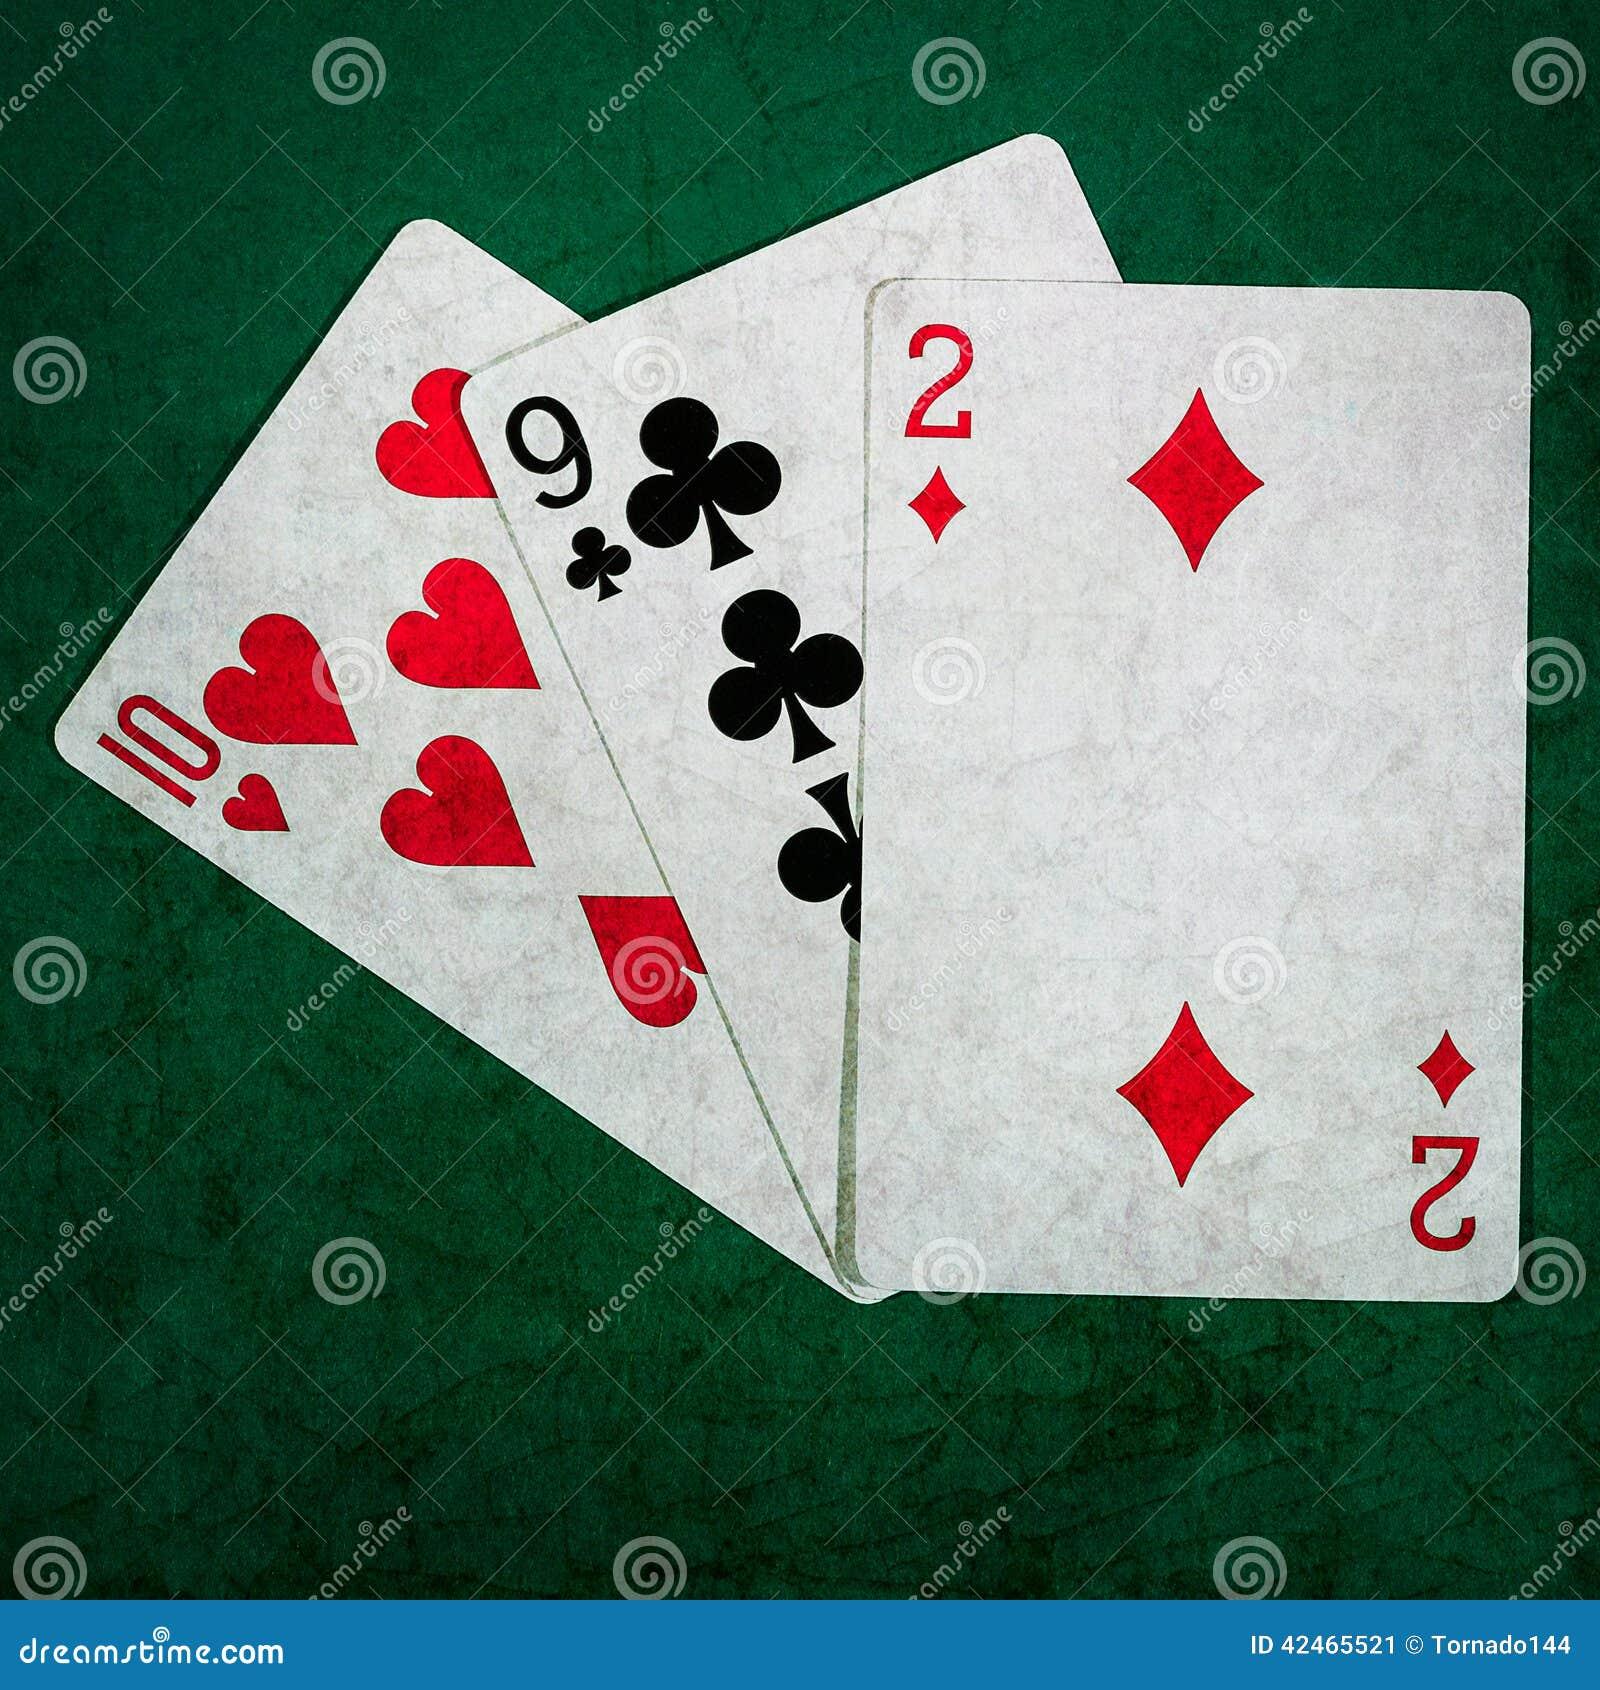 Blackjack cards points